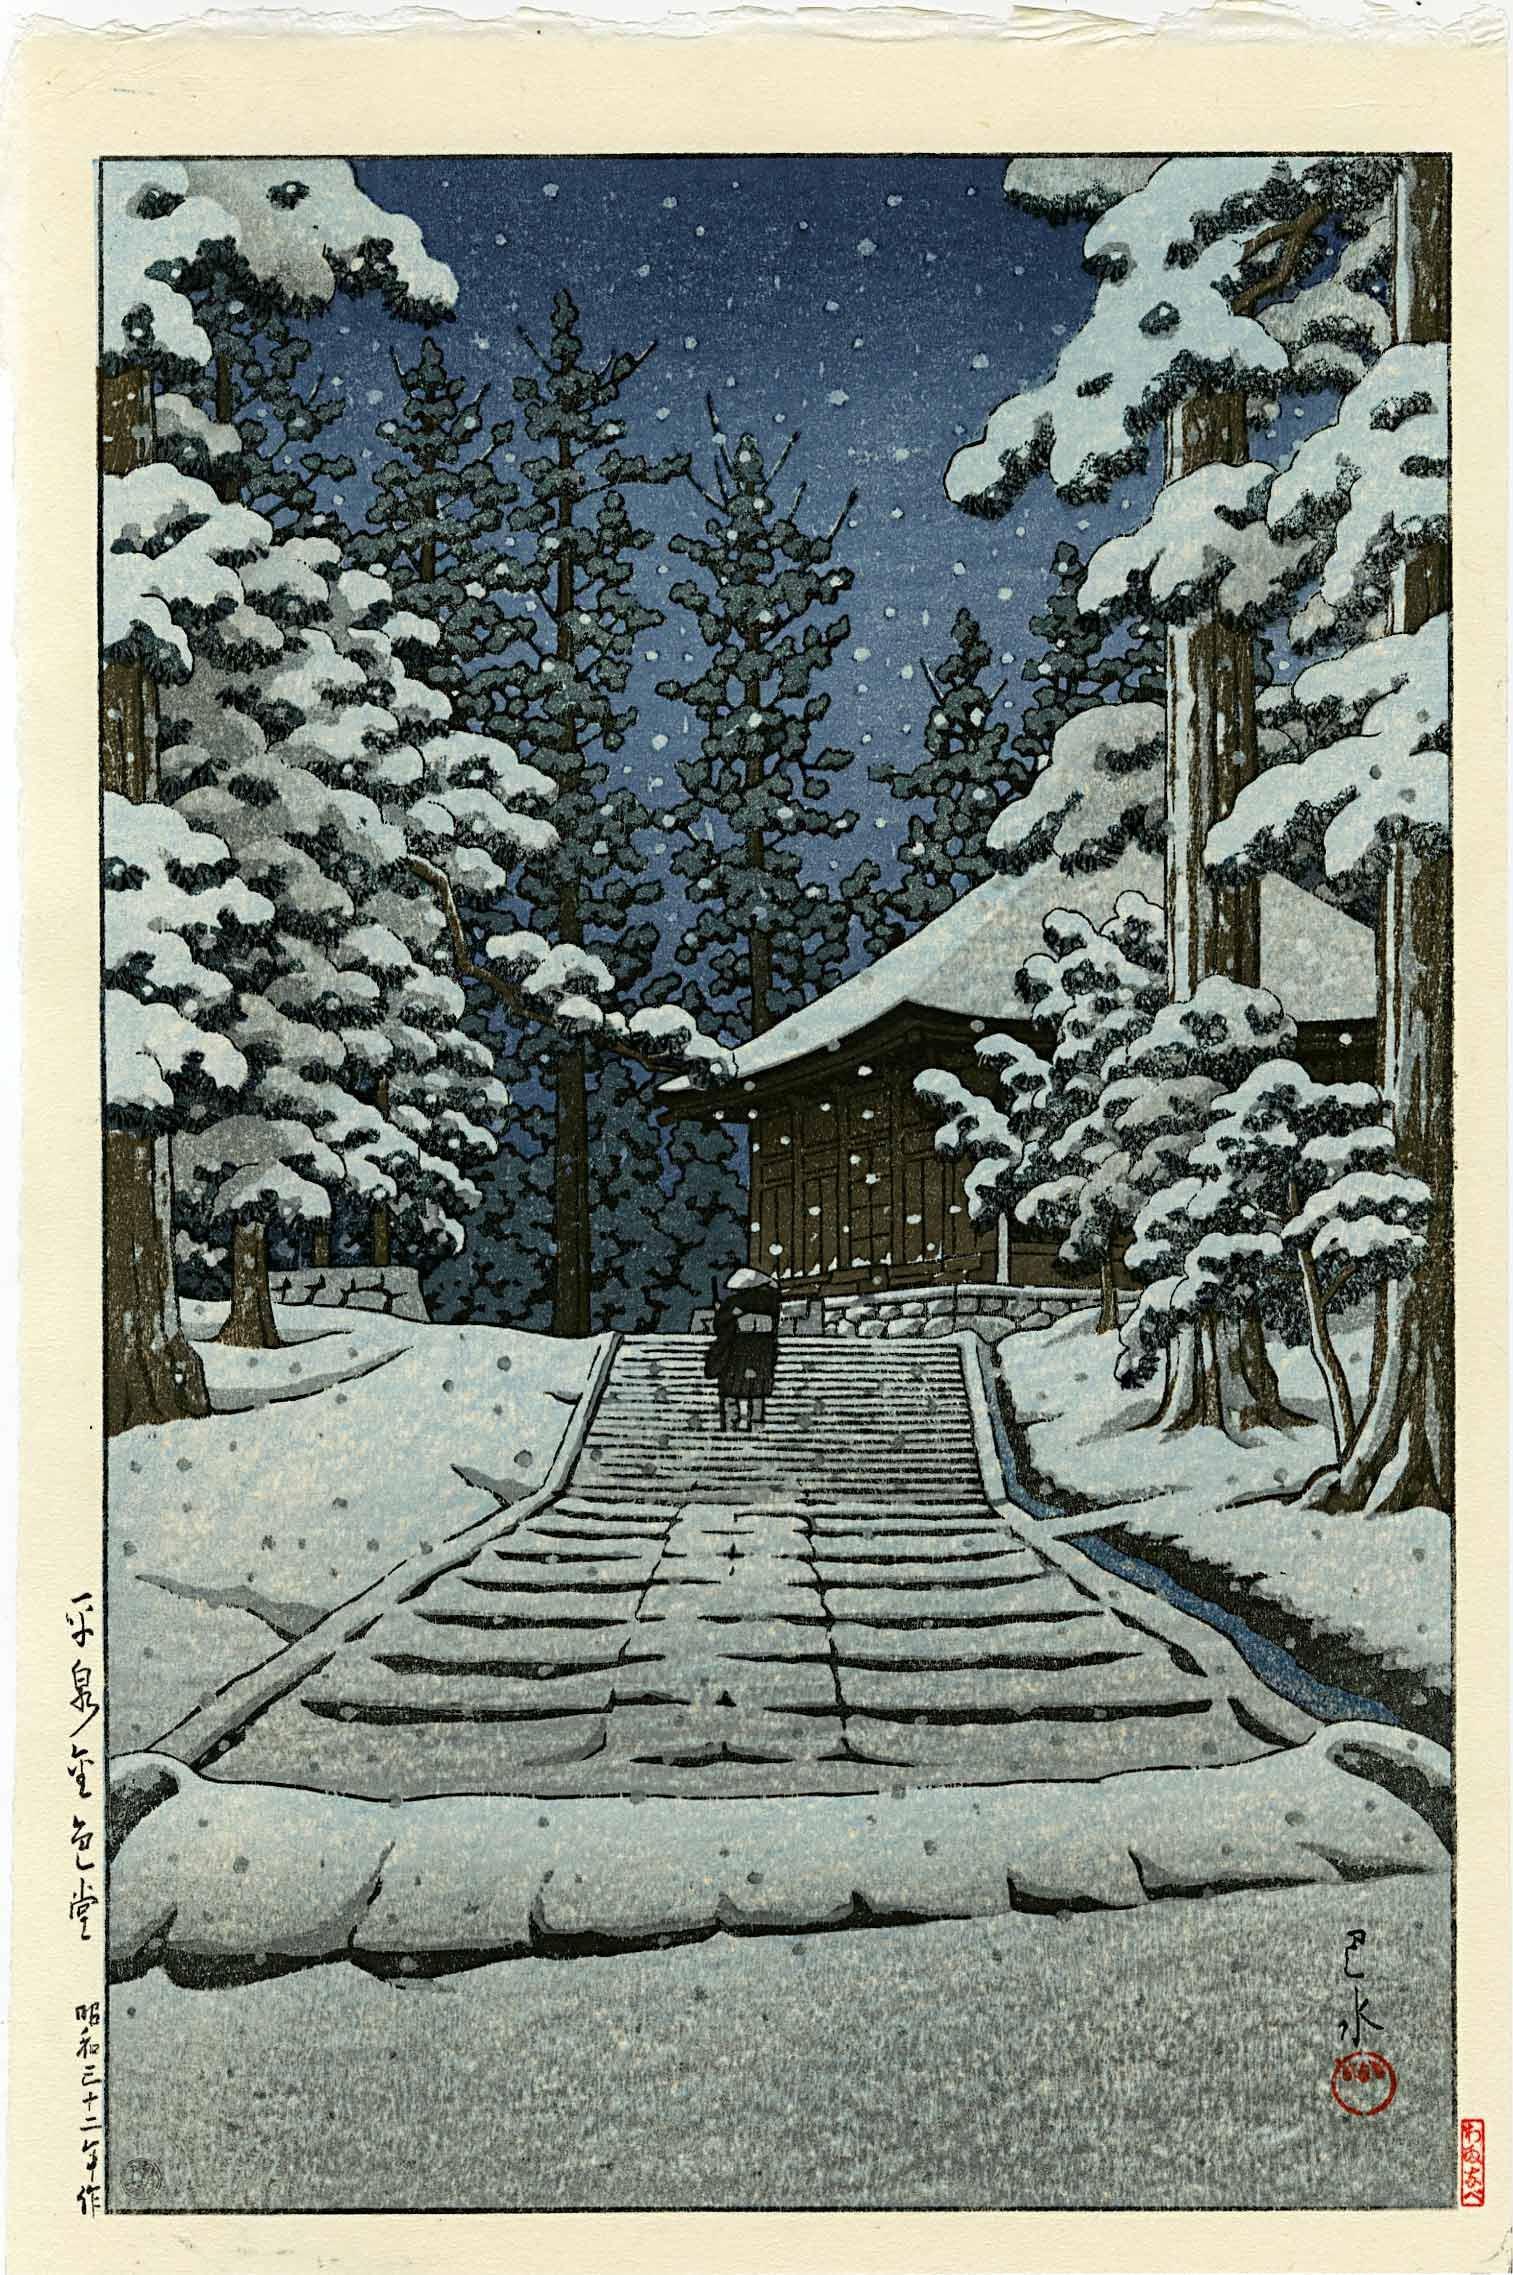 Hasui Kawase: Snow Storm at Hataori, Shiobara Woodblock